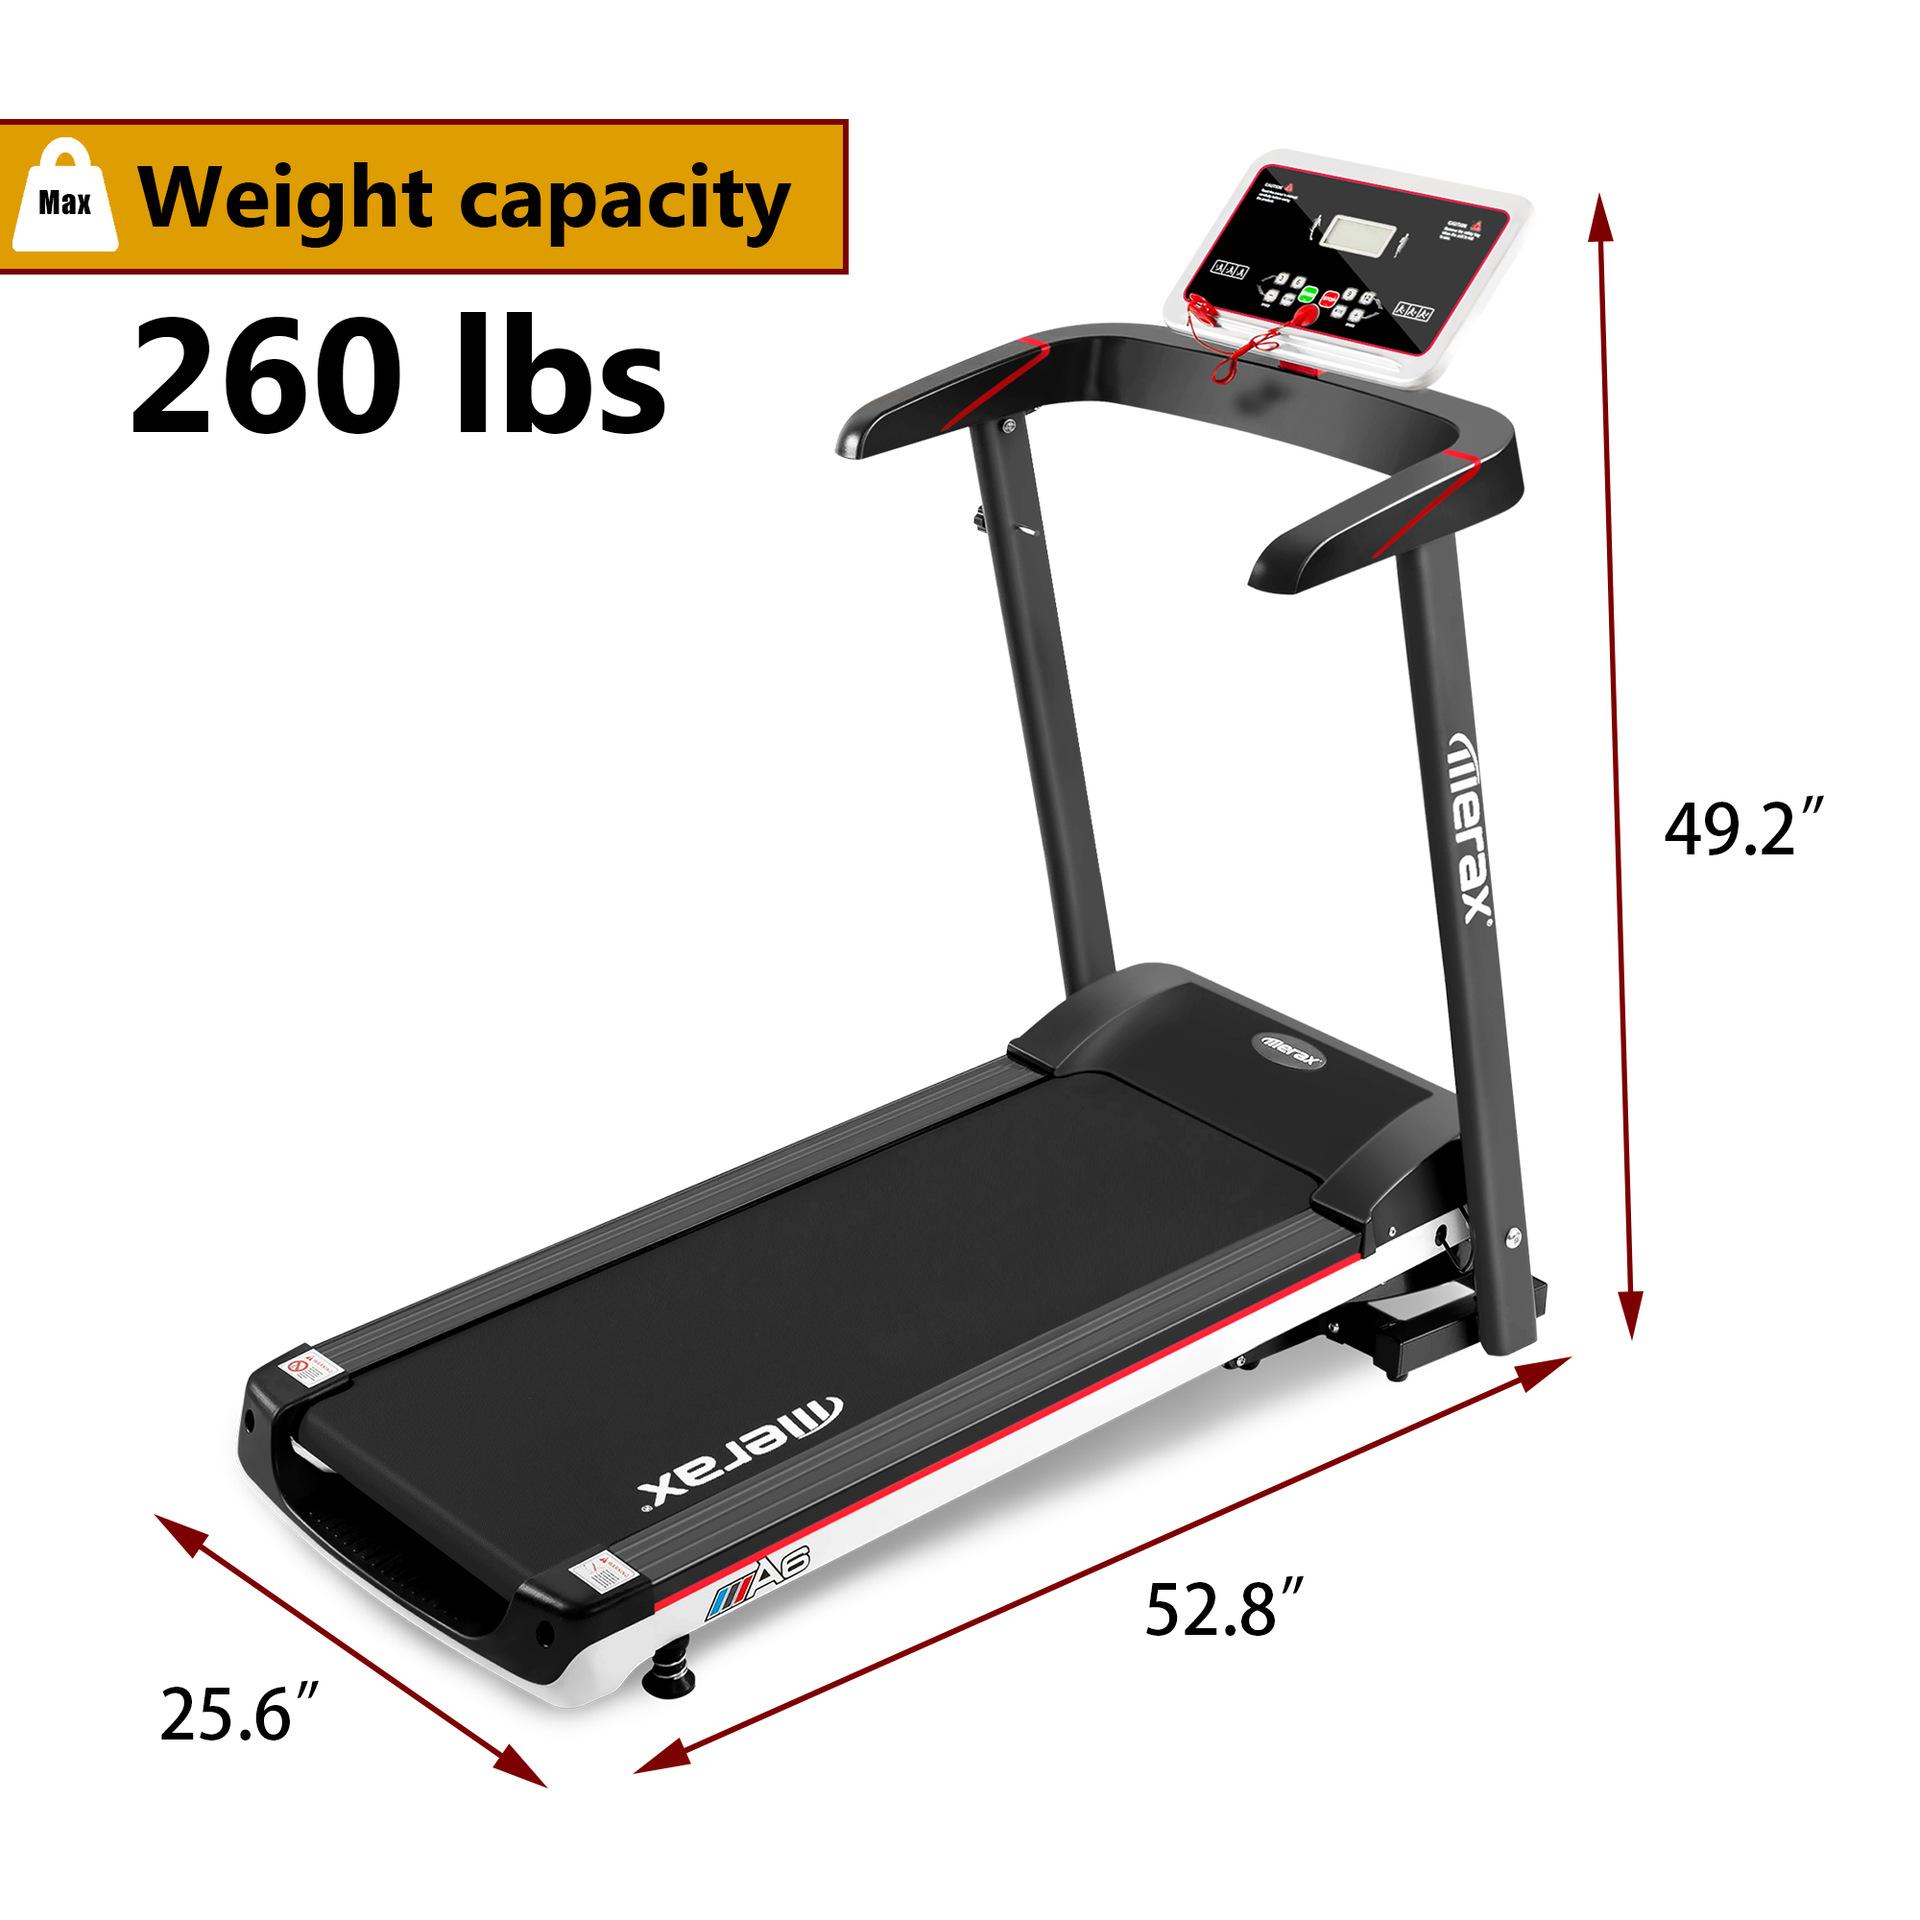 LH04652 Cheap Price Low Noise Threadmill Treadmill